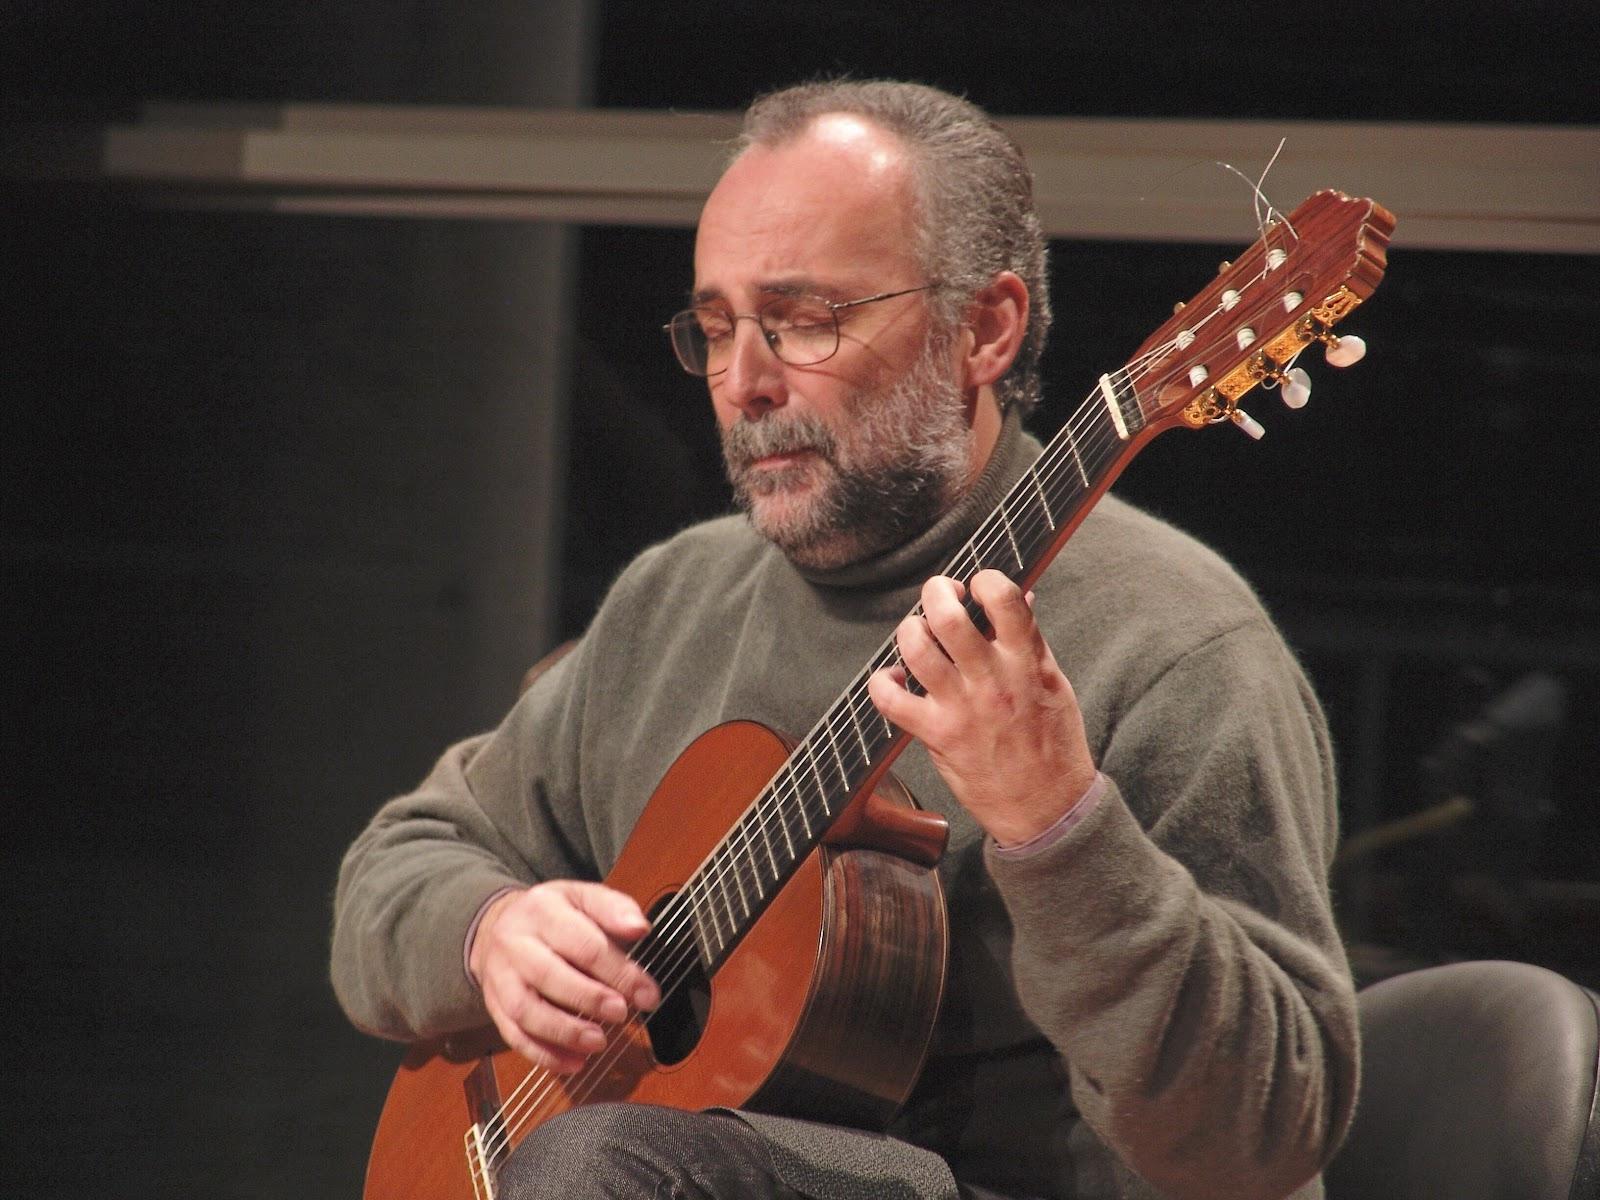 Maximo Pujol e Juan Almada são destaques do festival de violão que movimenta Campo Grande a partir desta quinta-feira - Maximo Diego Pujol